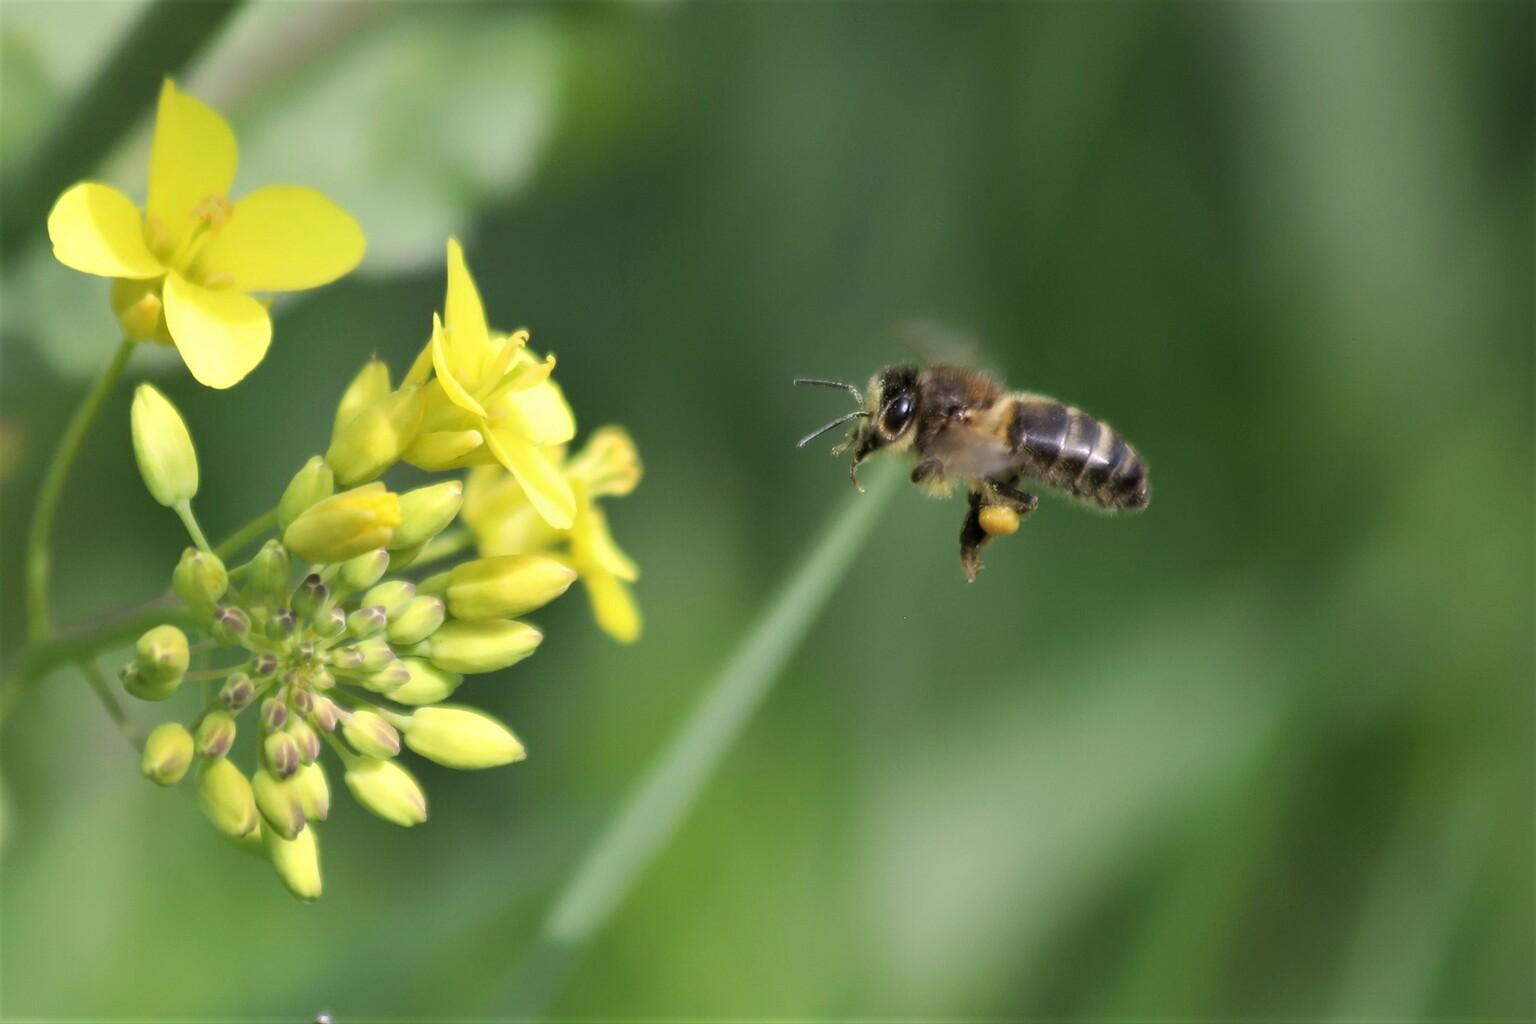 Honingbij - Vliegensvlug van bloem naar bloem - foto door marsonna op 15-04-2021 - locatie: 4241 Arkel, Nederland - deze foto bevat: insect, bijen, honingbij, nectarstuifmeel, lente, raapzaad, vliegend, bloem, fabriek, bestuiver, geleedpotigen, insect, bloemblaadje, honingbij, plaag, bloeiende plant, hommel